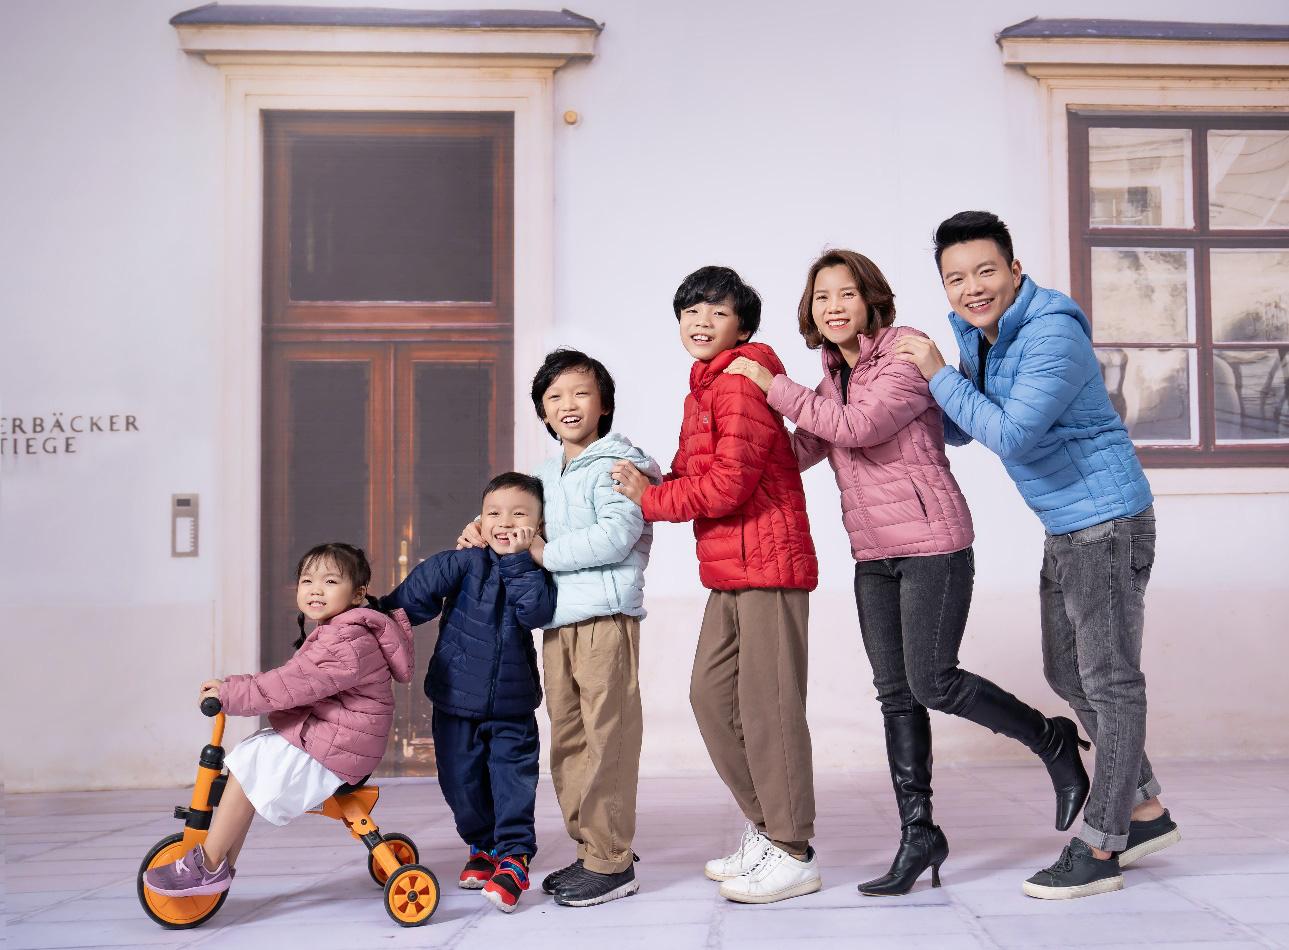 CEO Yody cùng vợ trẻ và 4 con làm đại sứ thương hiệu cho dòng sản phẩm mới - Ảnh 1.